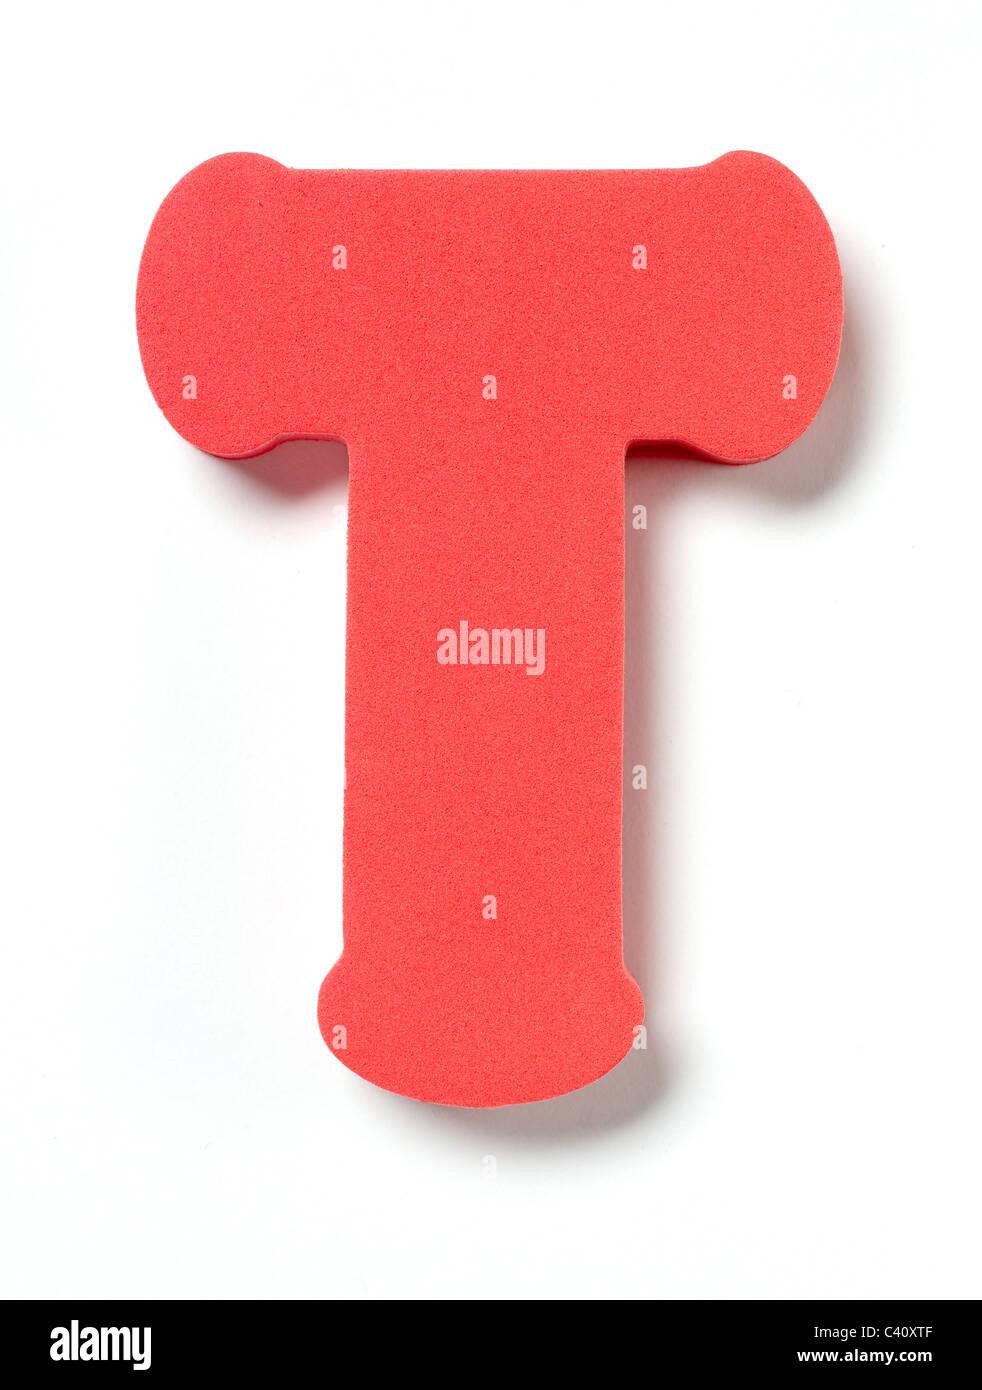 Foam letter T - Stock Image